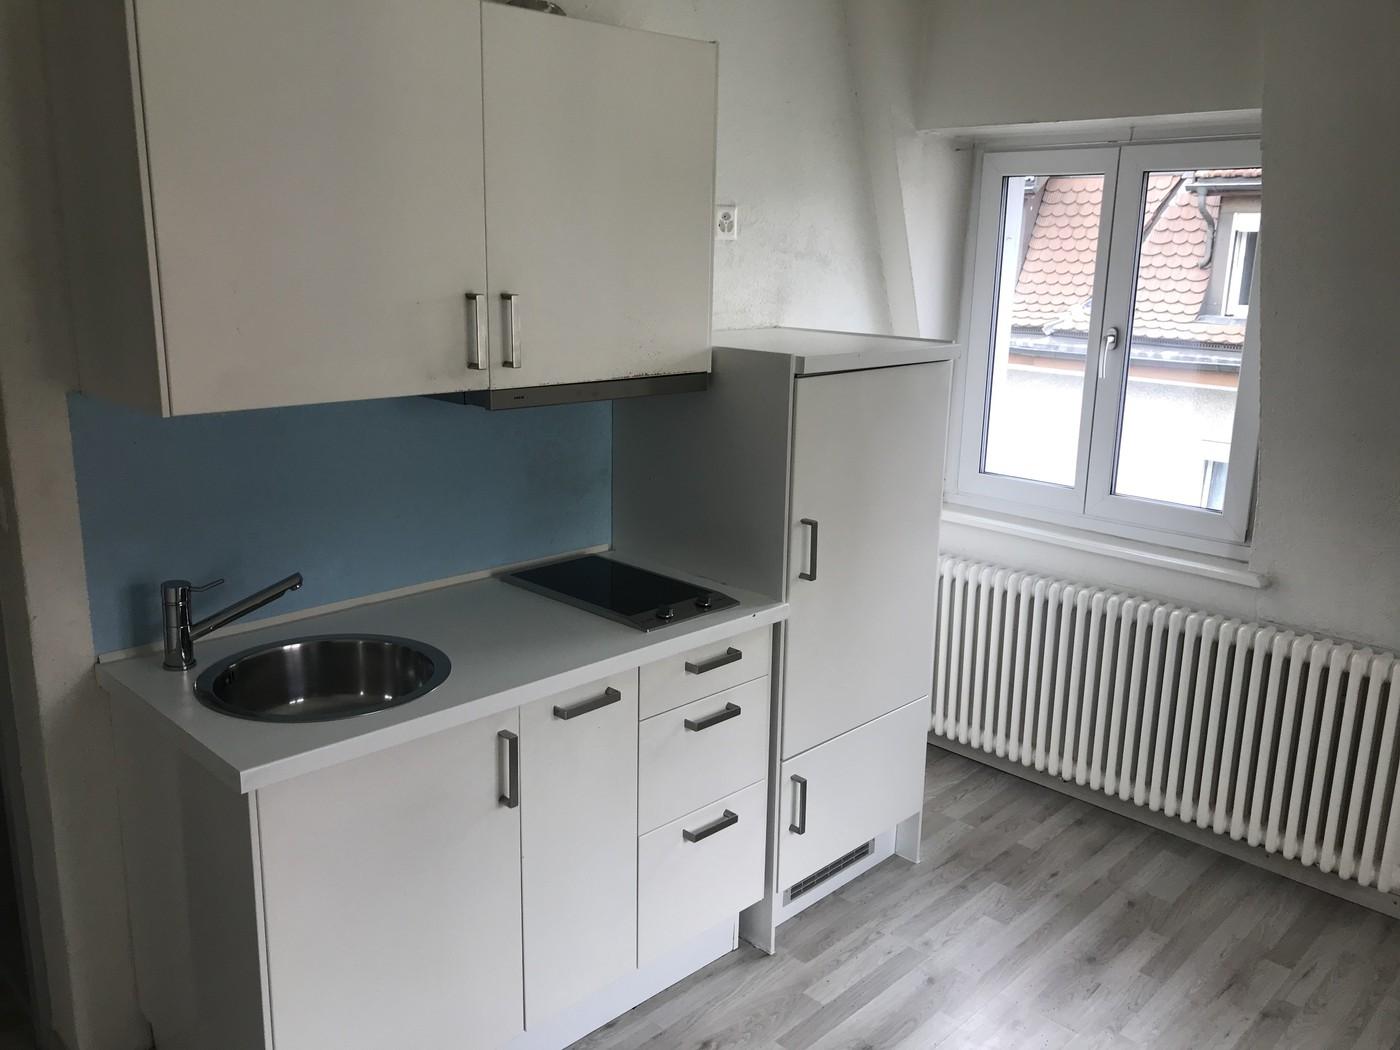 1 zimmer wohnung in st gallen mieten flatfox. Black Bedroom Furniture Sets. Home Design Ideas